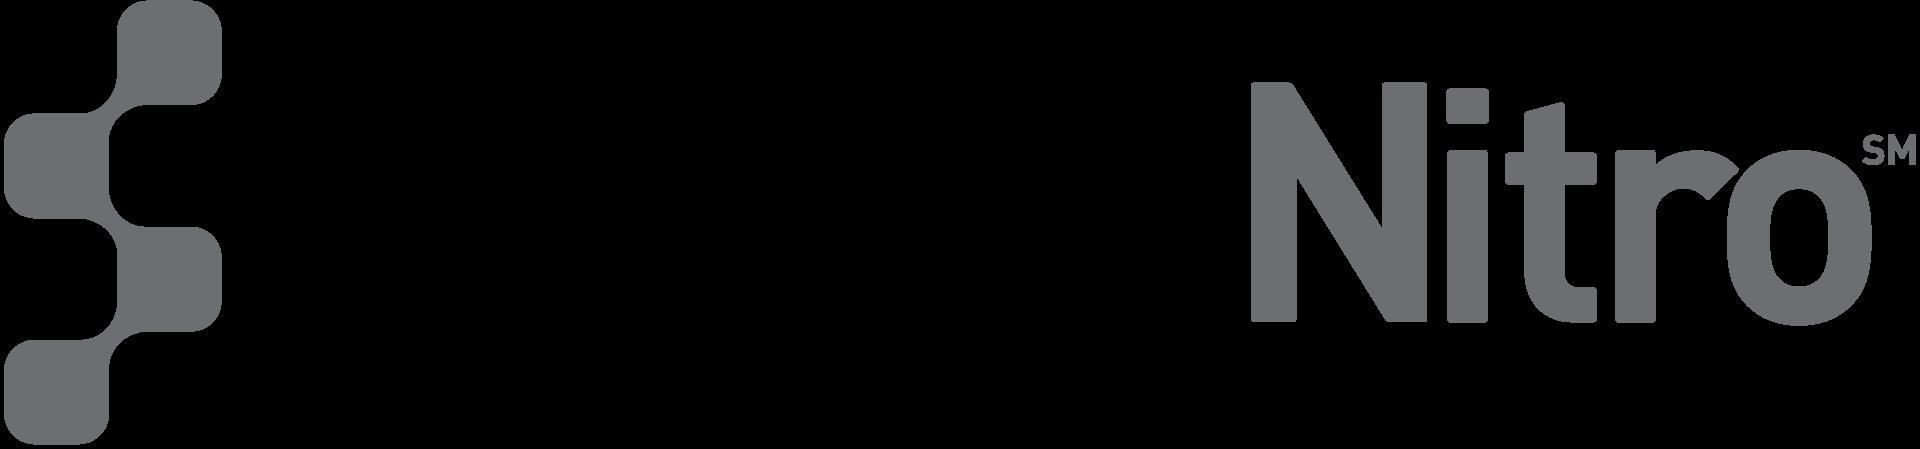 SapientNitro_logo.png